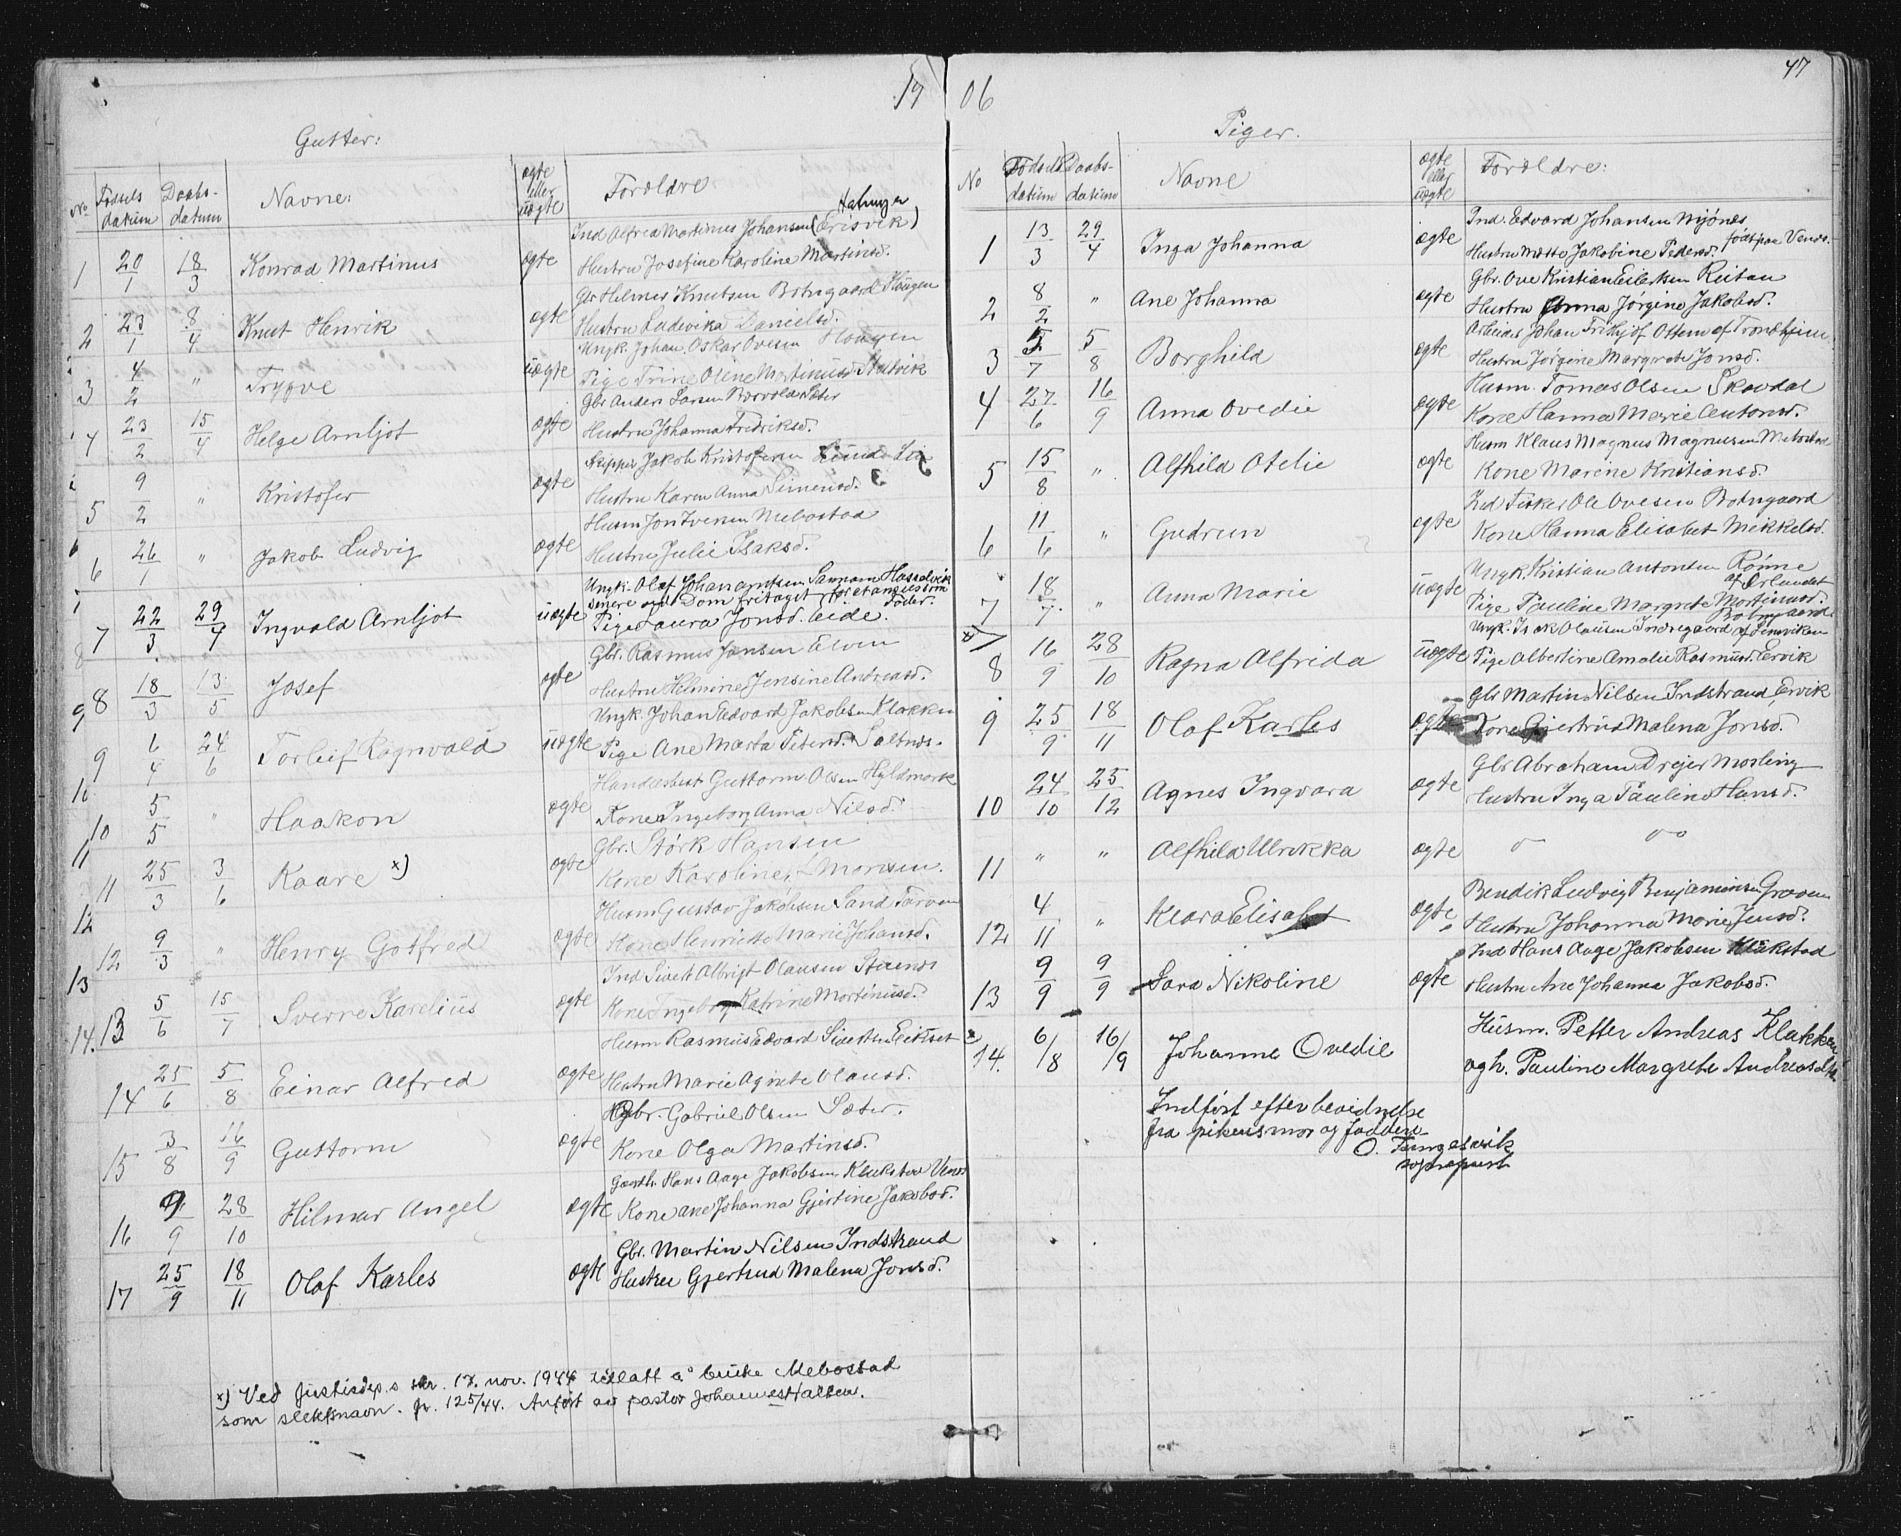 SAT, Ministerialprotokoller, klokkerbøker og fødselsregistre - Sør-Trøndelag, 651/L0647: Klokkerbok nr. 651C01, 1866-1914, s. 47